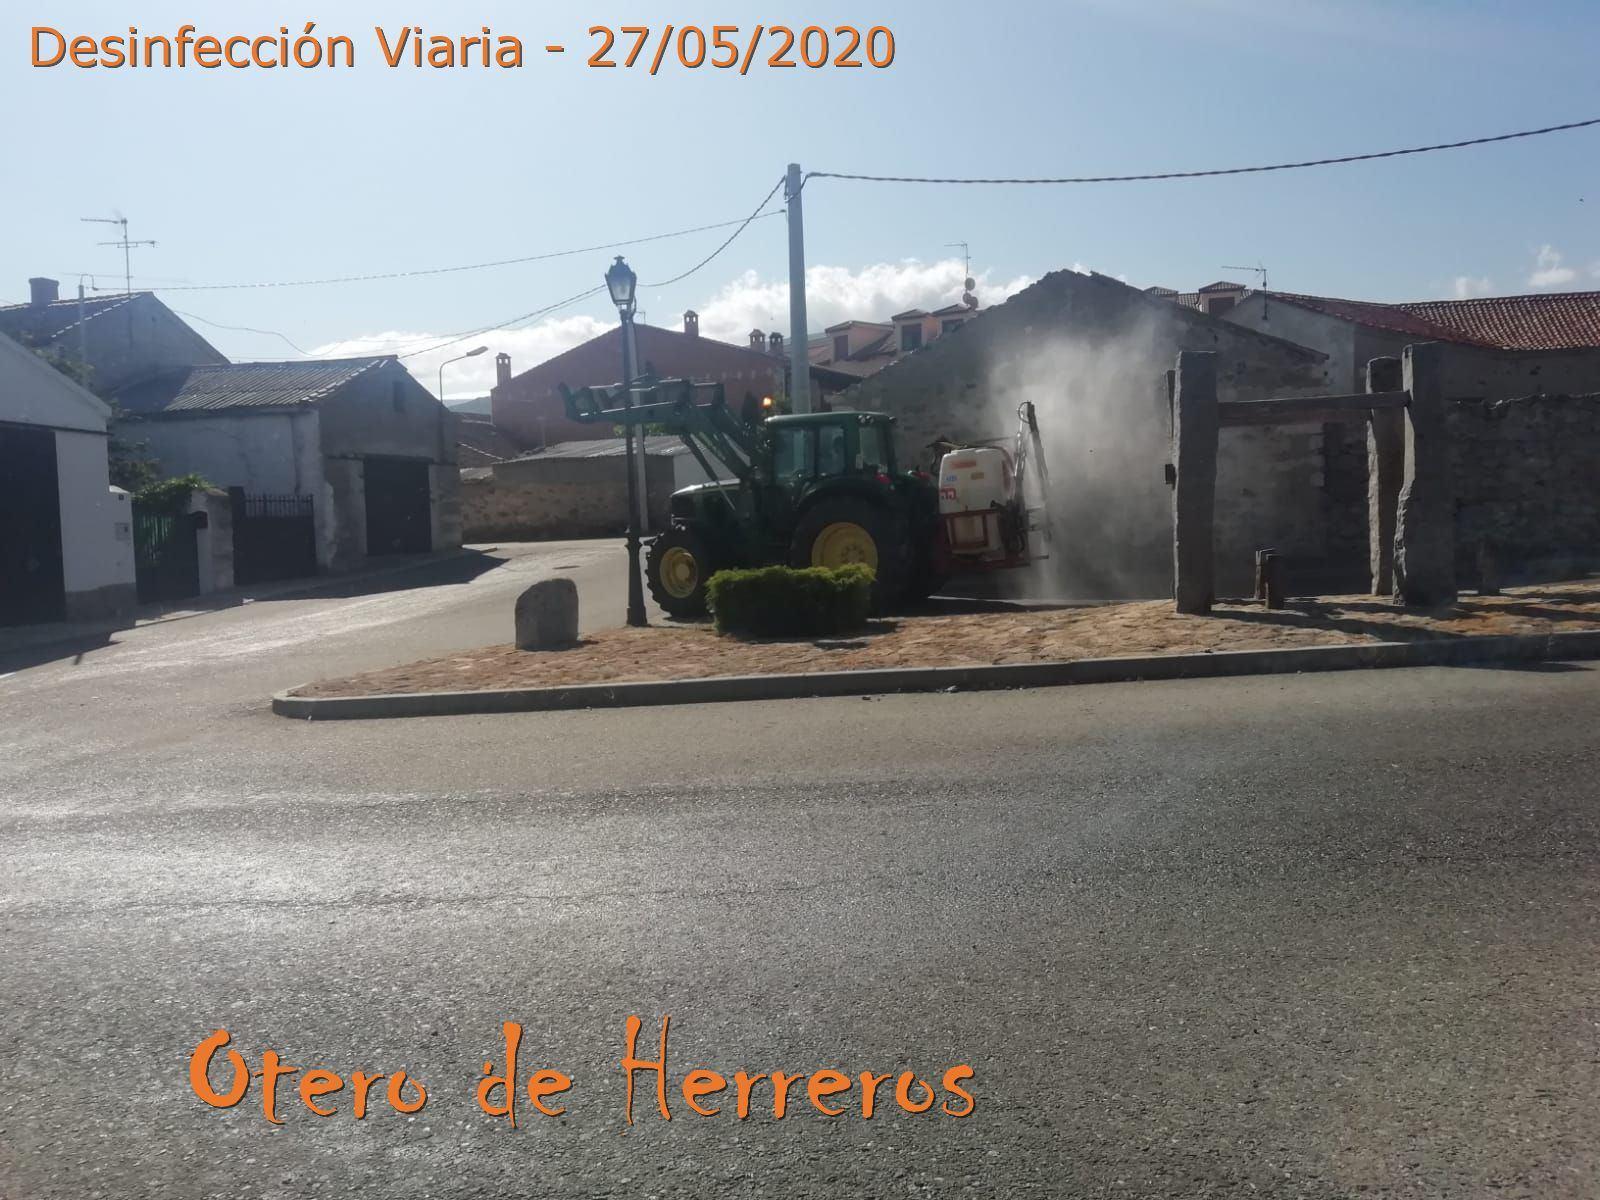 PHOTO-2020-05-27-10-41-49_2